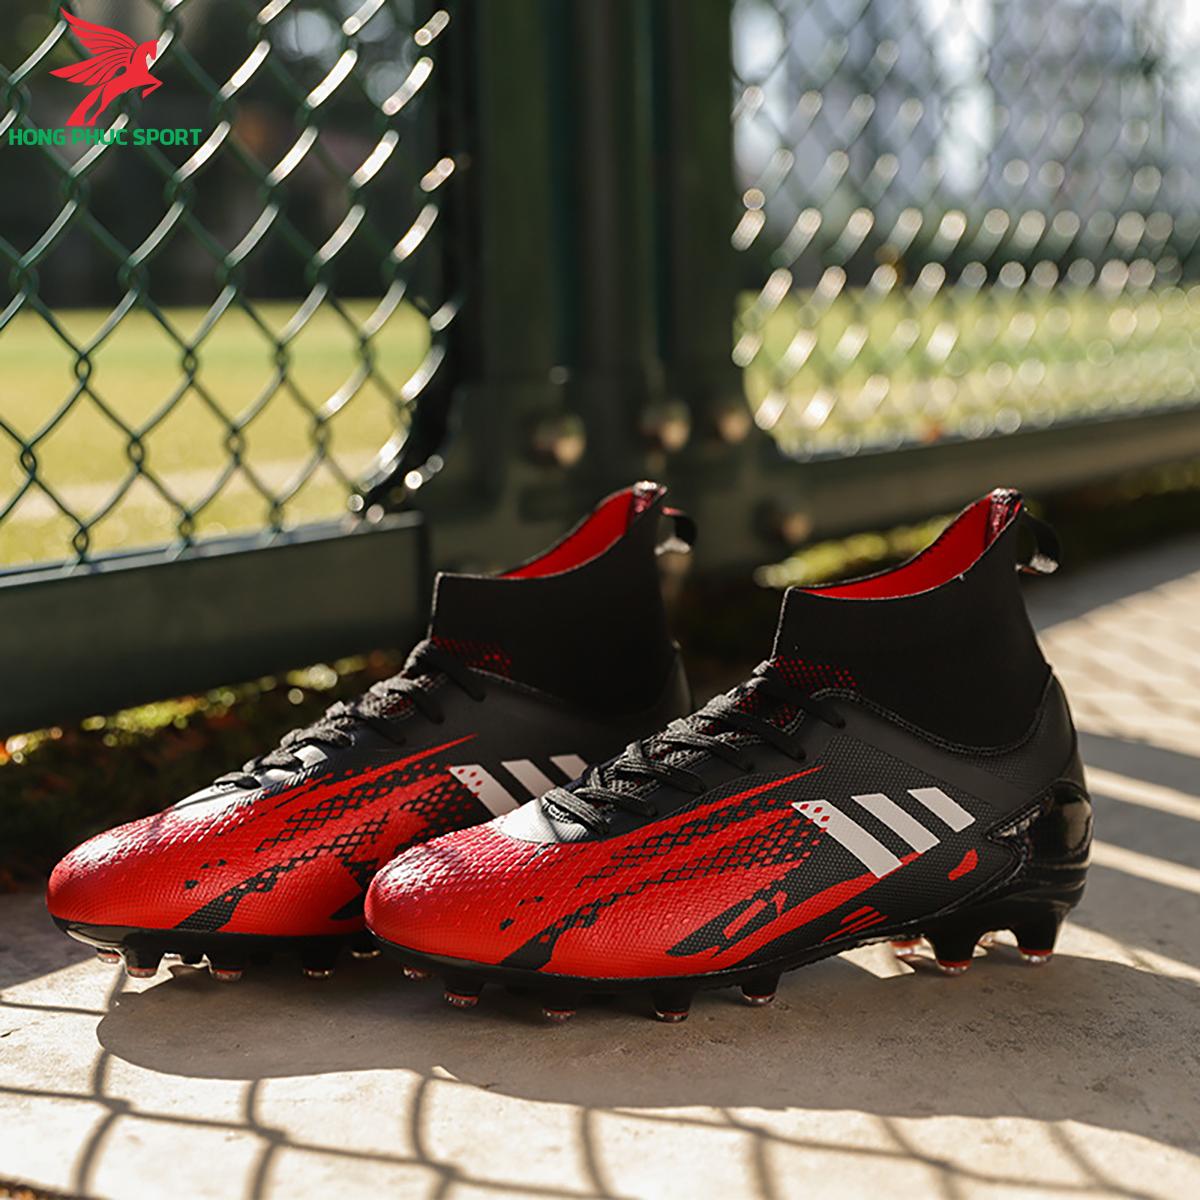 Giày đá banh cố cao Predator 20.3 đế FG màu đỏ đen (1)